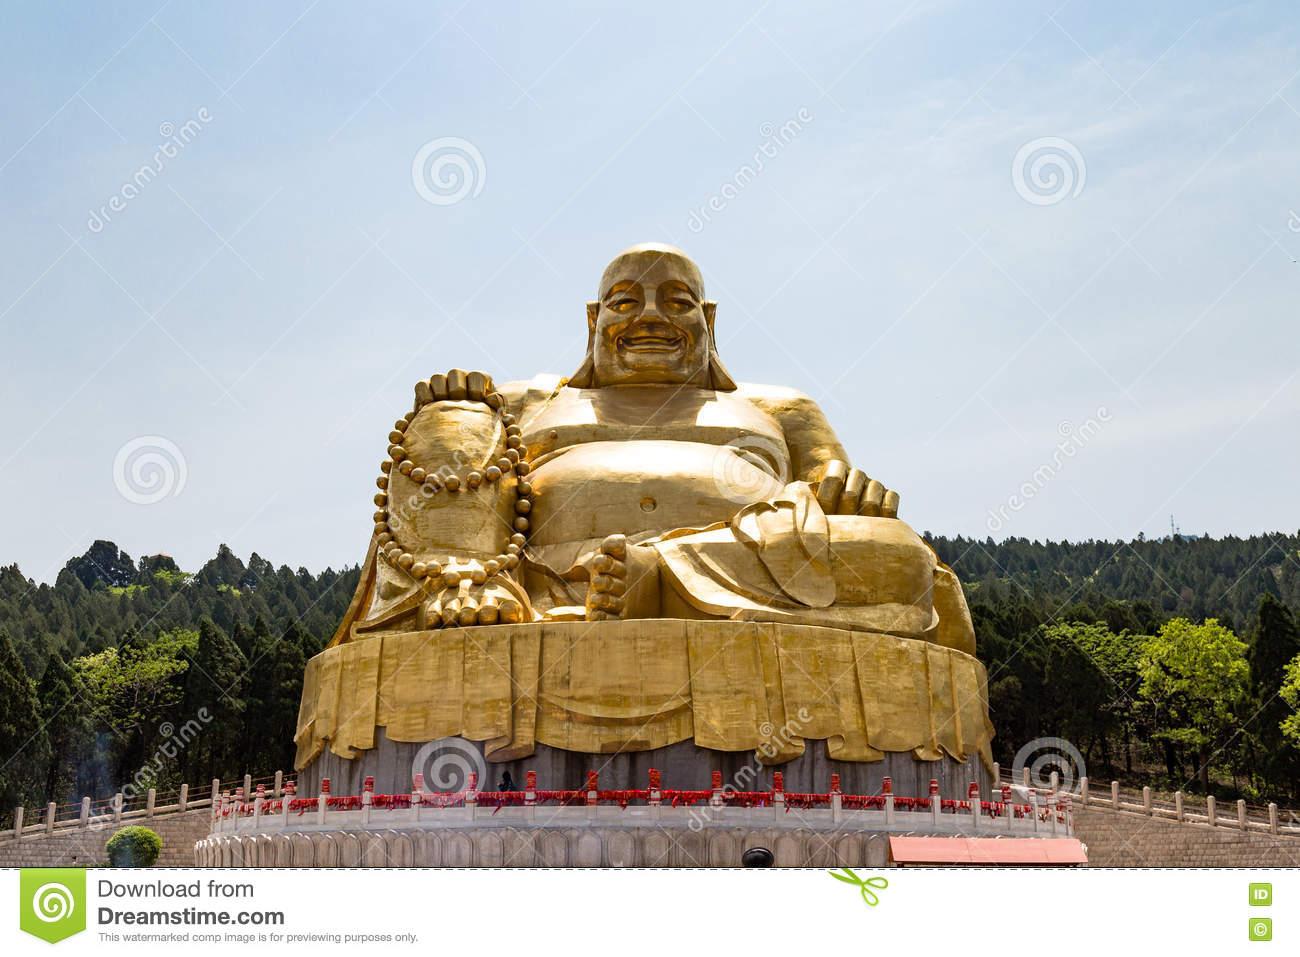 Big Golden Statue Of Buddha In Qianfo Shan, Jinan, China Stock.